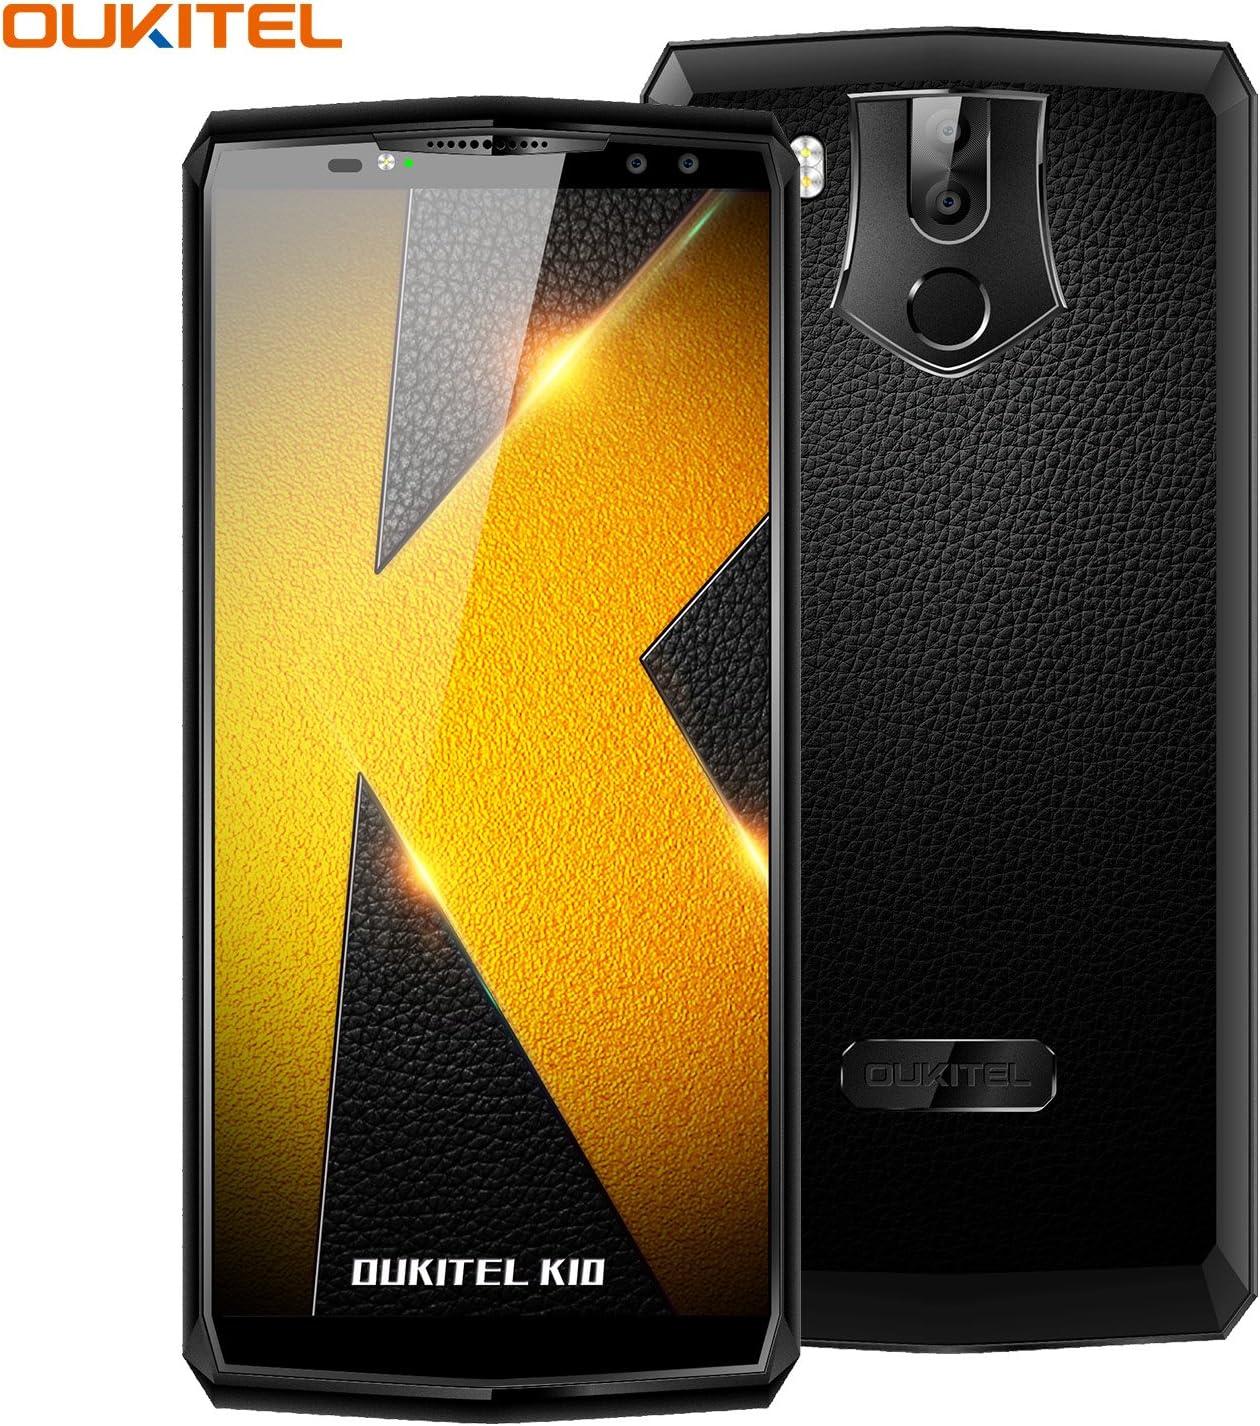 Telefonos Moviles, OUKITEL K10 4G Smartphone 6 Pulgadas (18: 9 Relación Visión)  11000mAh Batería Octa Core 6GB RAM 64GB ROM 21MP + 13MP Cámara Face ID NFC Android 7.0 Huella Digital